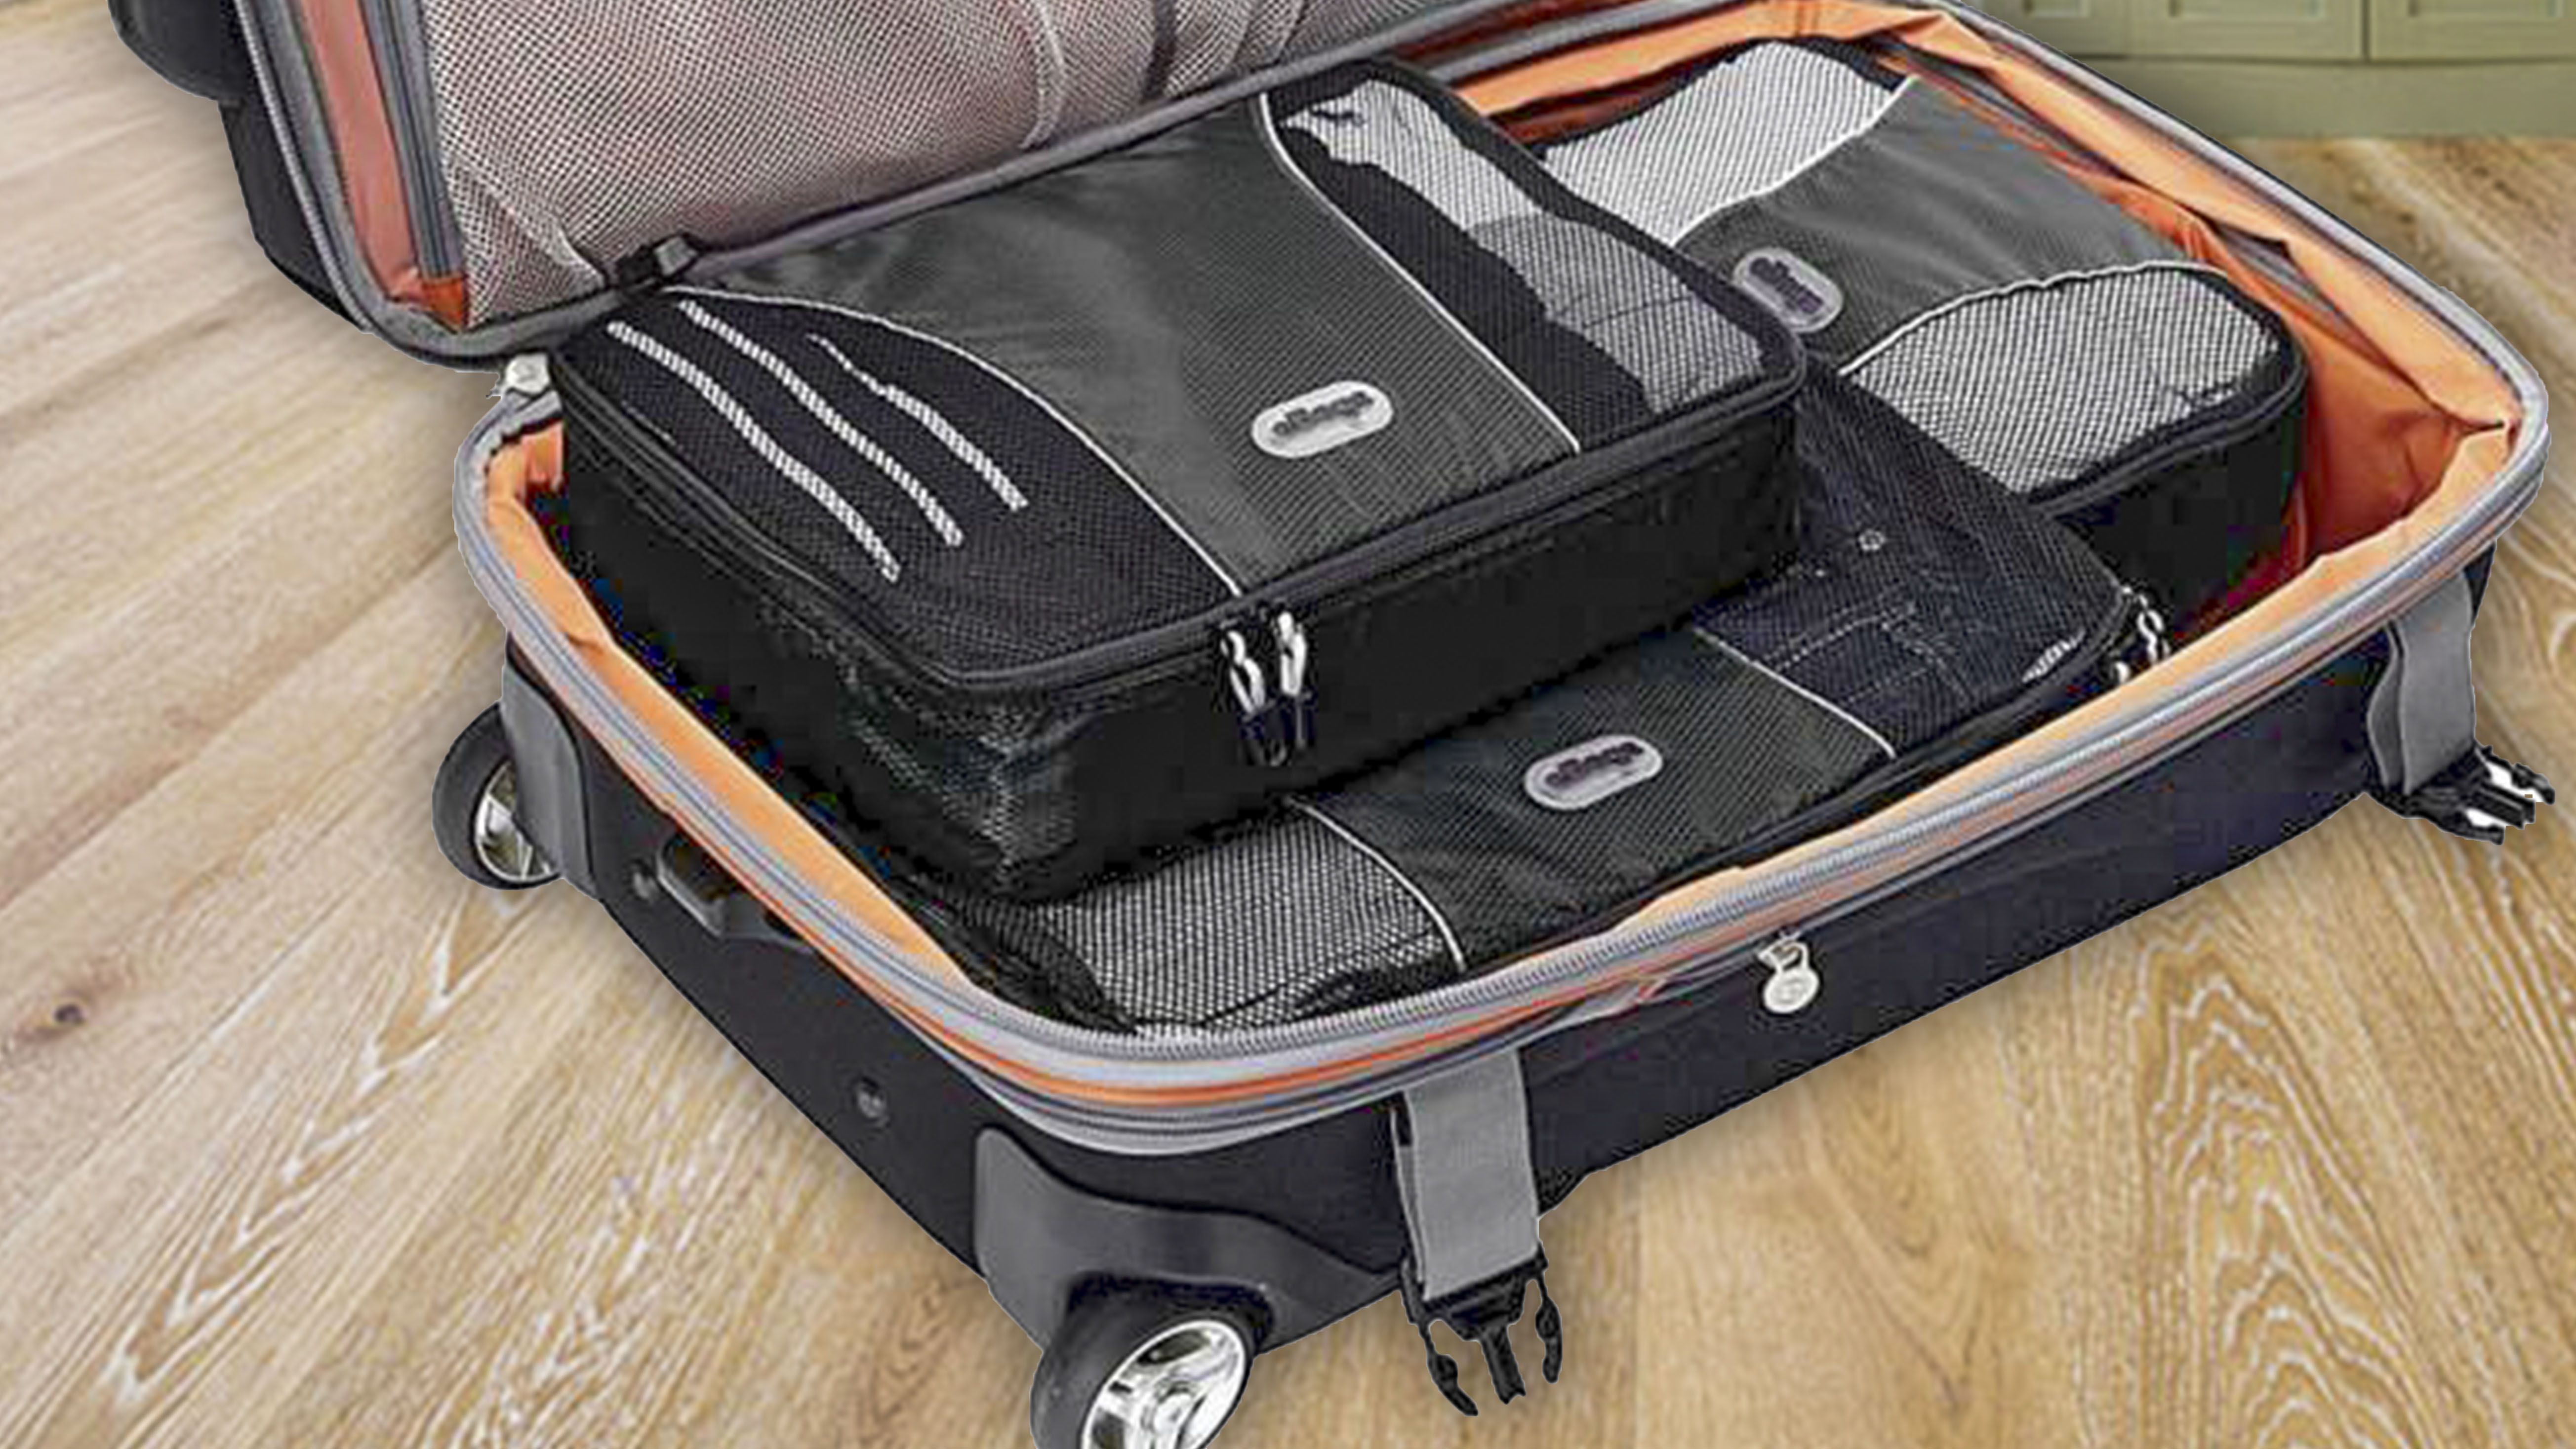 organized bag